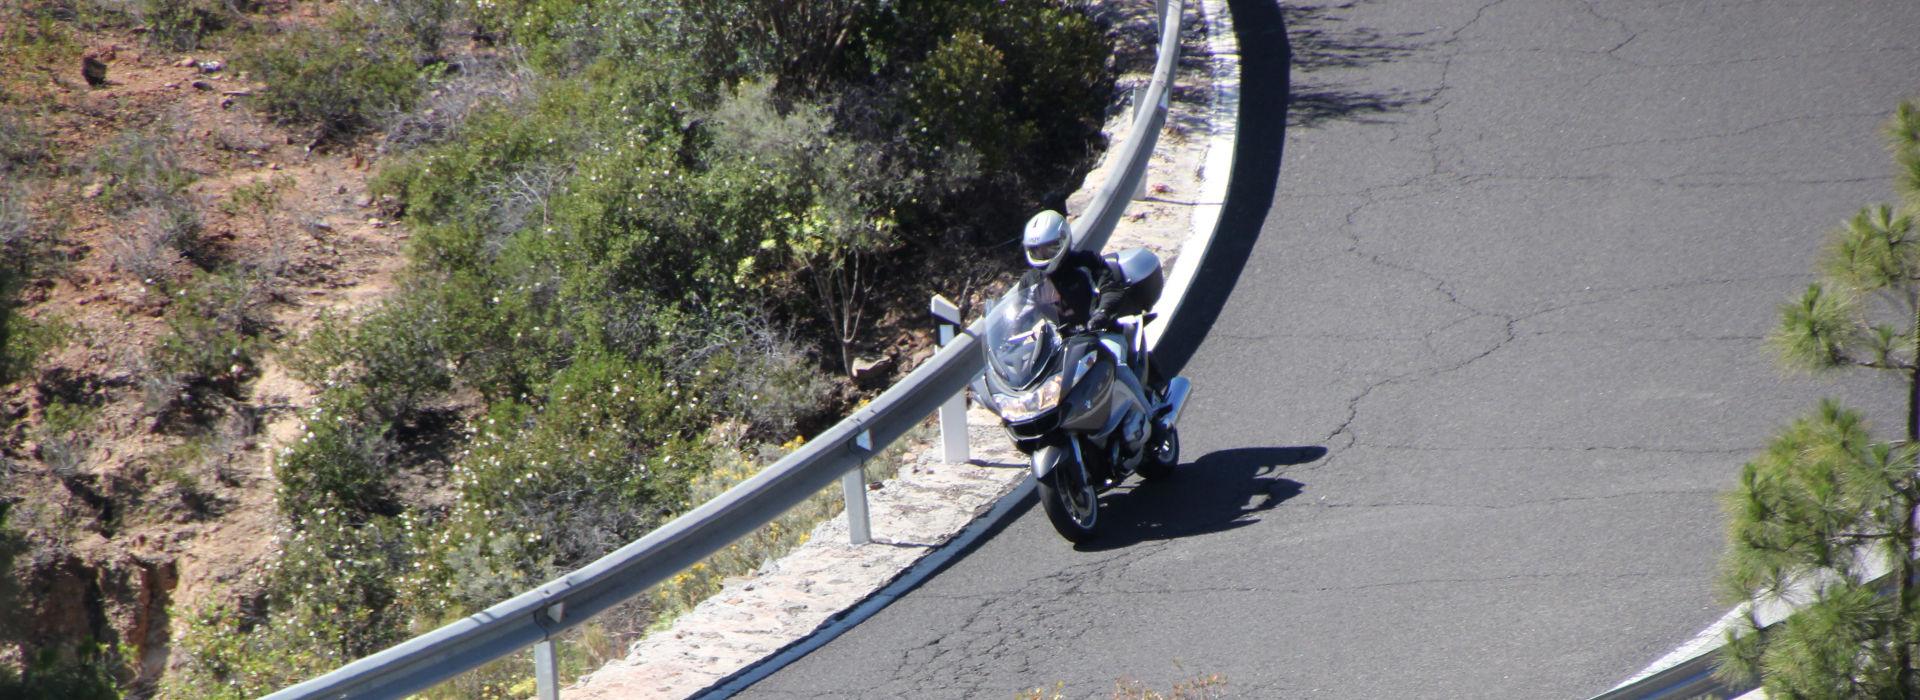 Motorrijschool Motorrijbewijspoint Eys motorrijlessen